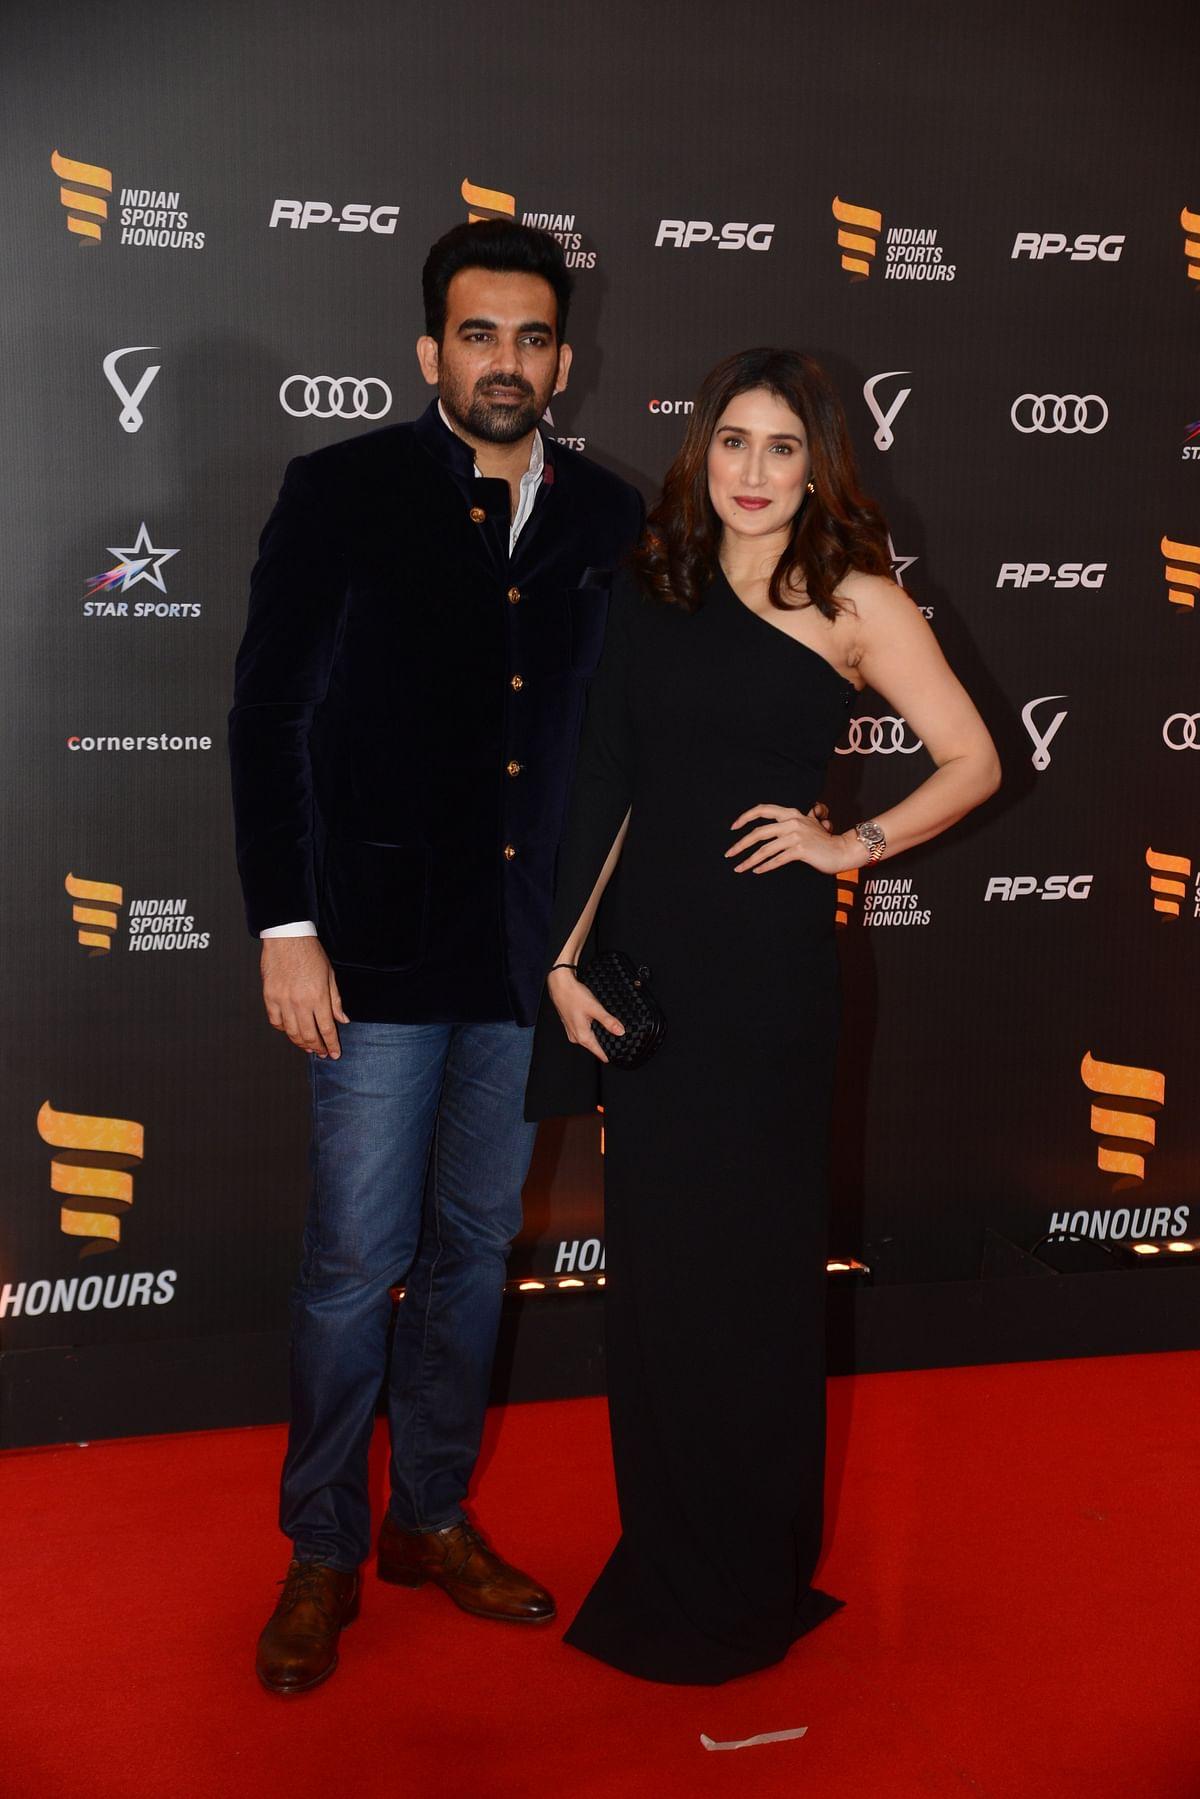 Zaheer Khan with wife Sagarika Ghatge